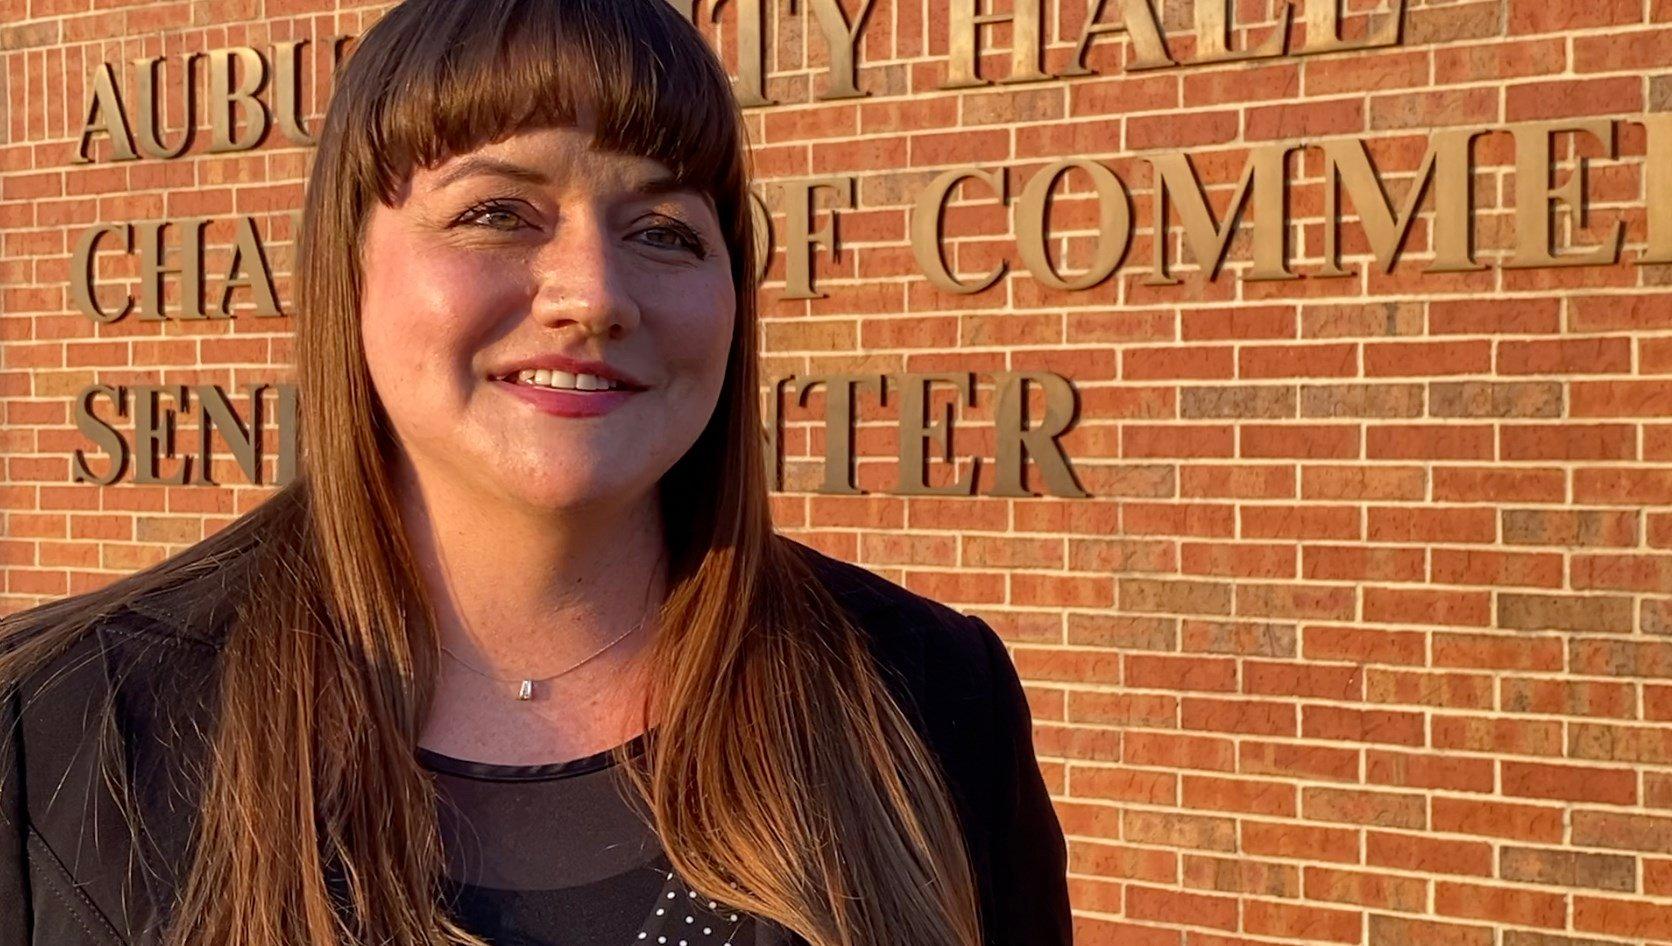 Dunekacke named Auburn's first city administrator